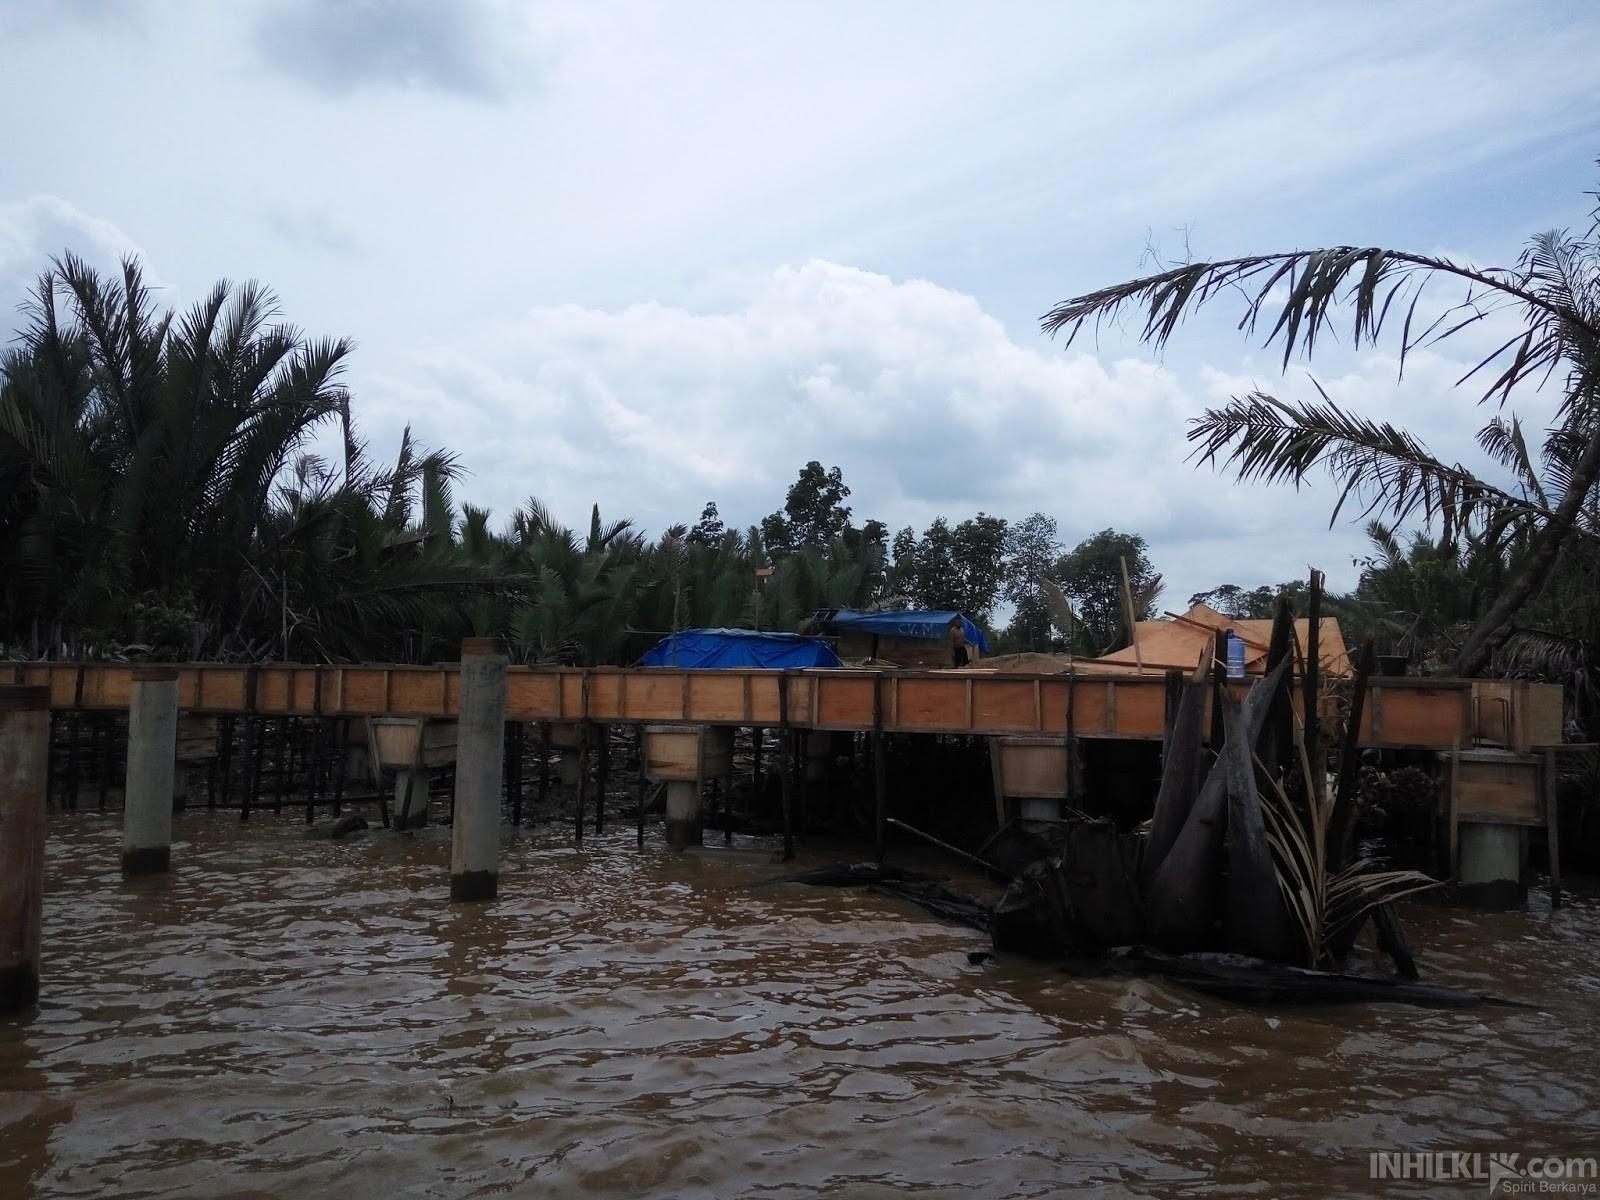 Rencananya Transmigrasi di Desa Tanjung Melayu Akan Diresmikan Gubernur Riau